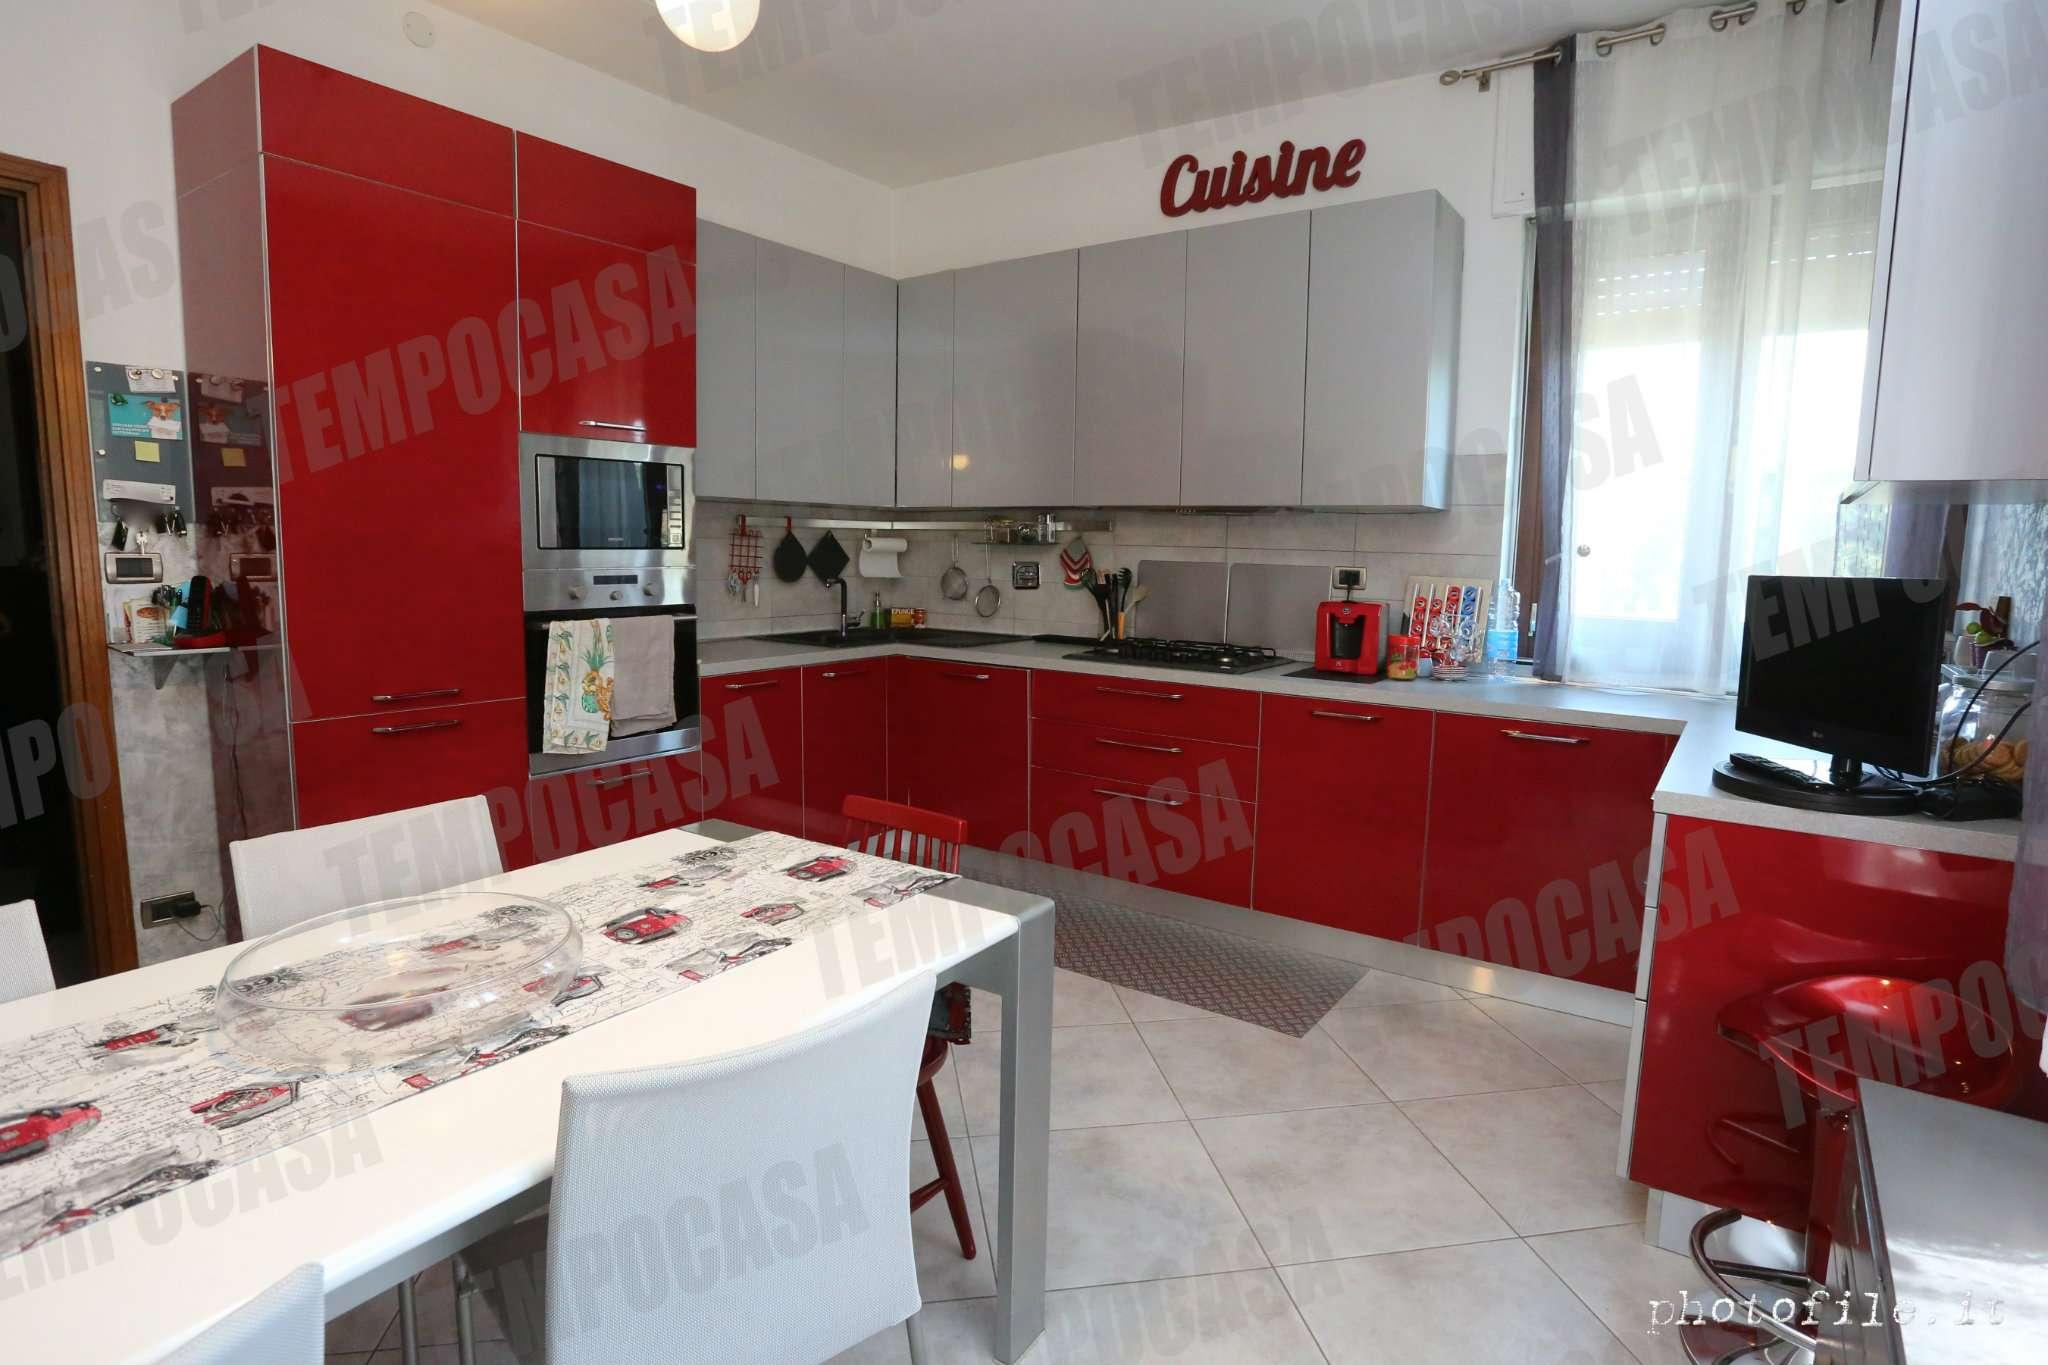 Foto 1 di Villa Trifamiliare via MONCENISIO, Avigliana